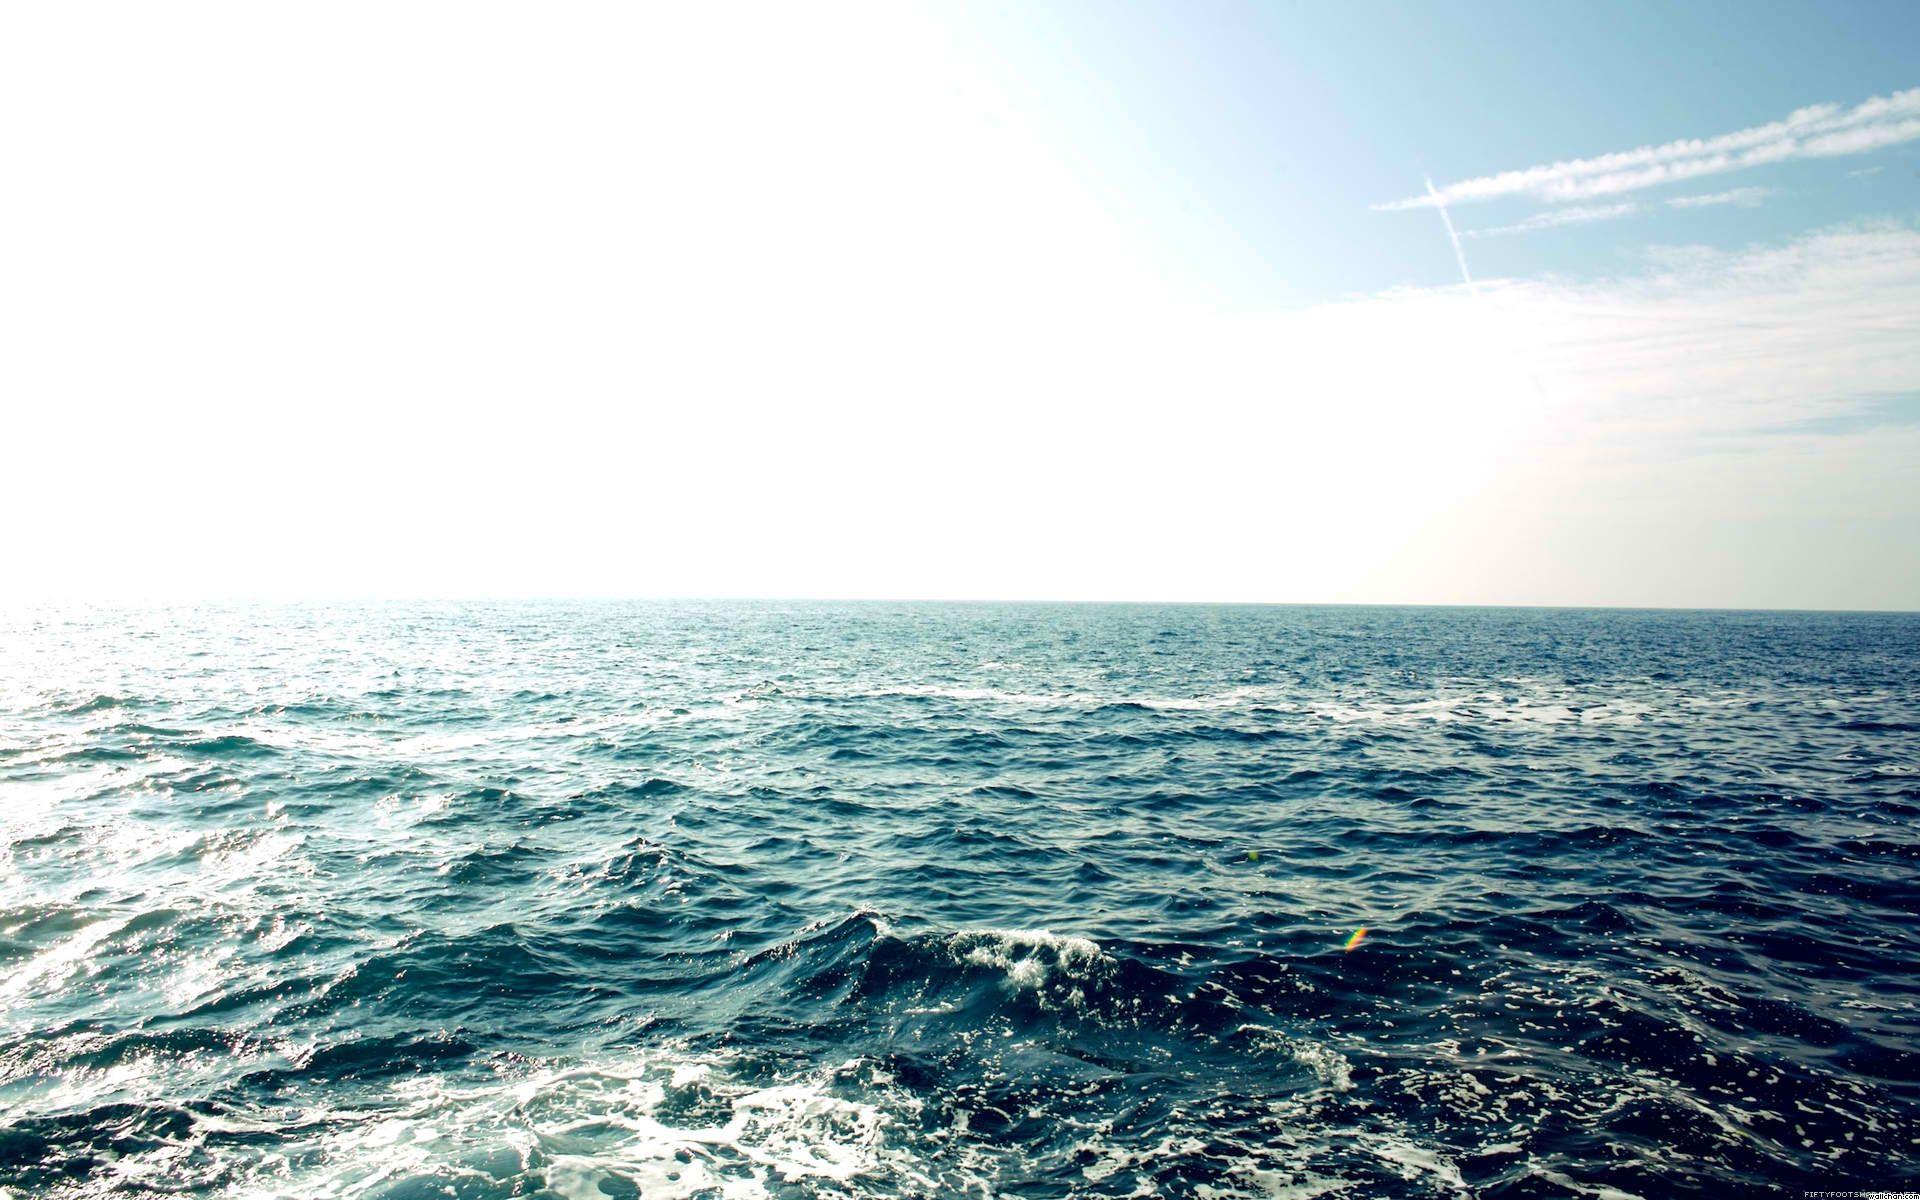 pin sea waves wallpaper - photo #16